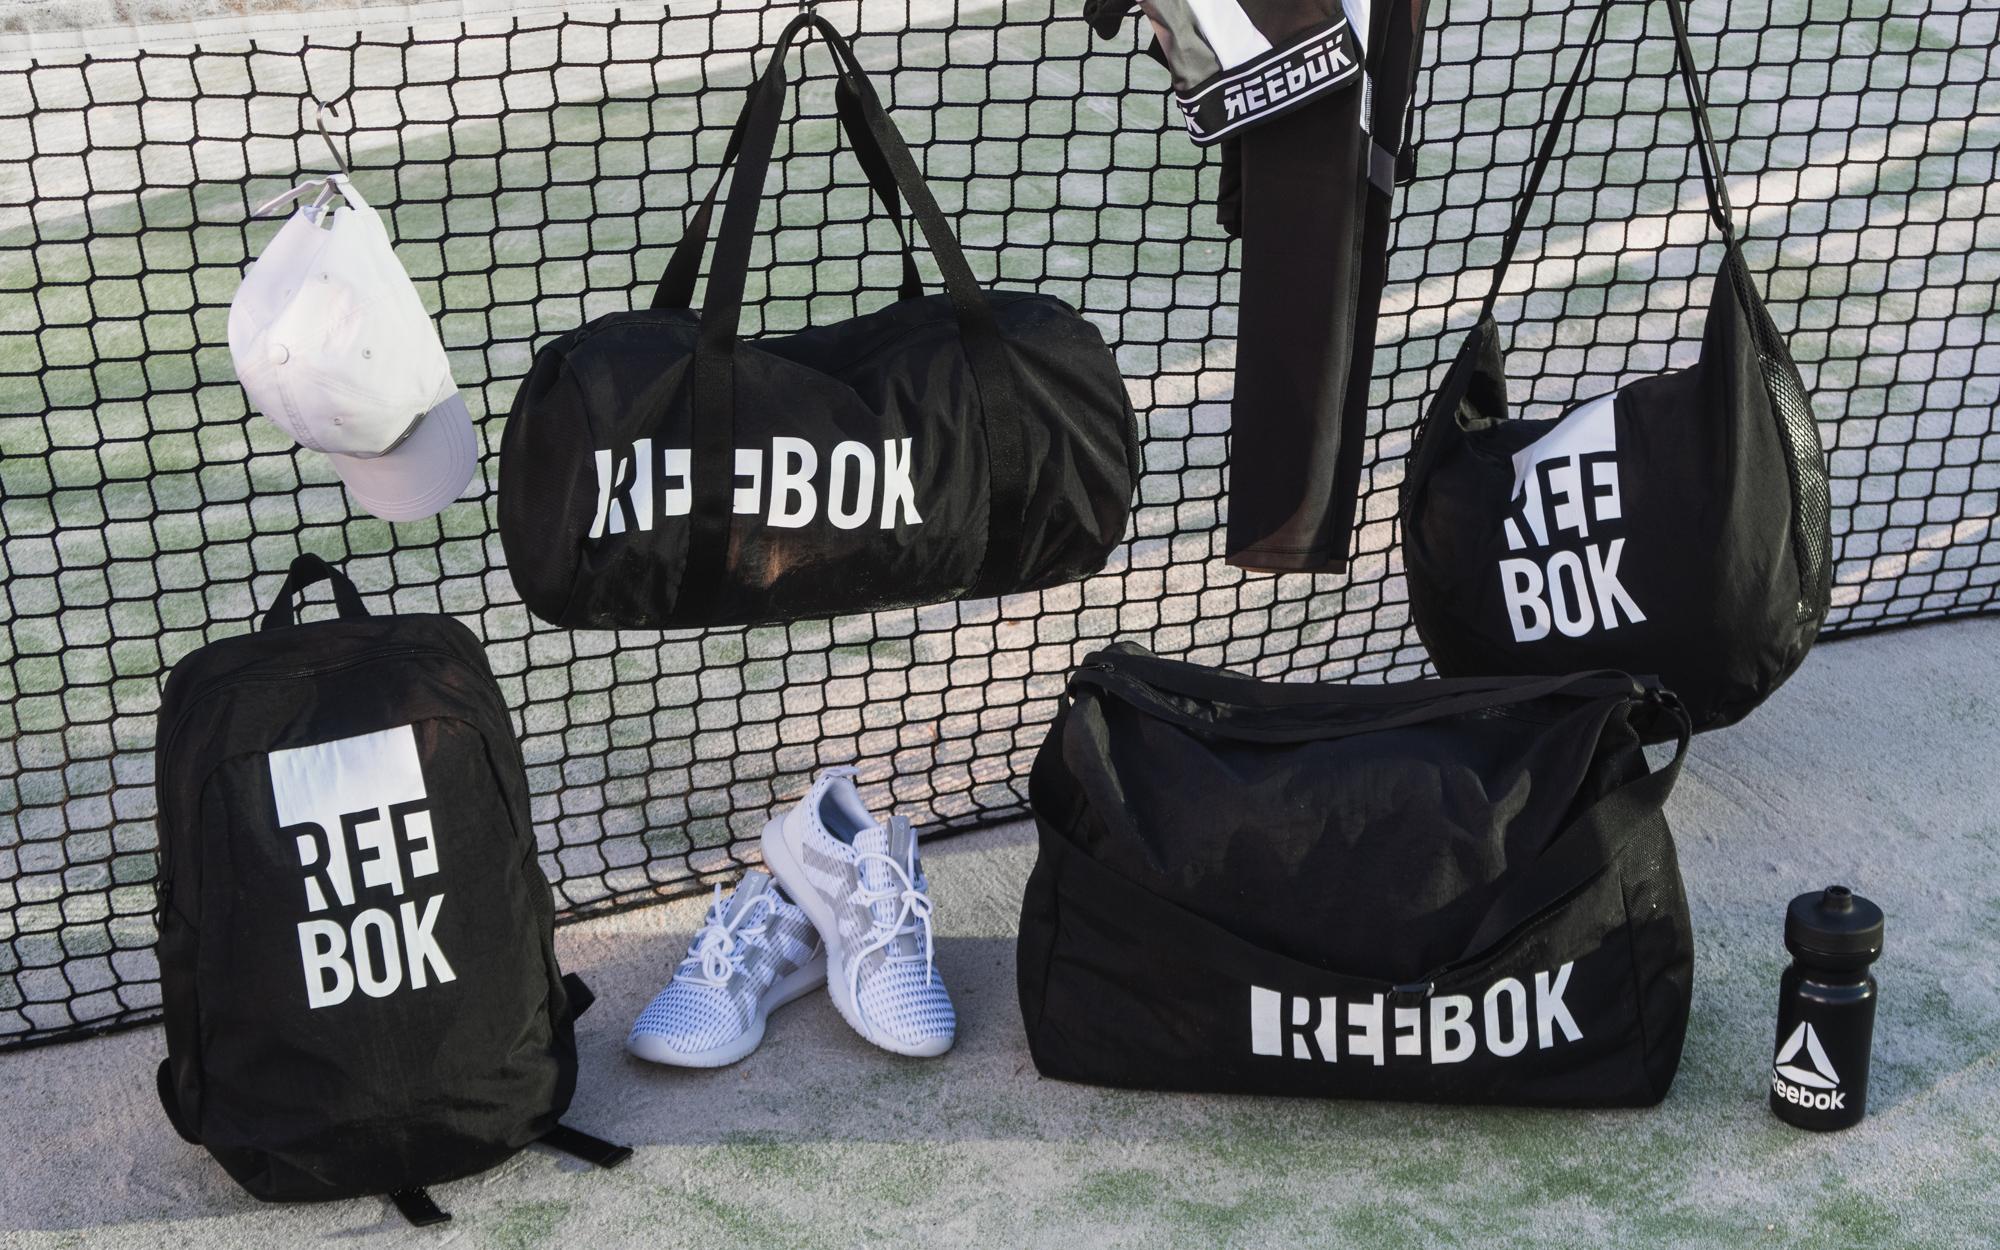 REEBOK_WOMEN_FOUNDATION_BAGS.jpg